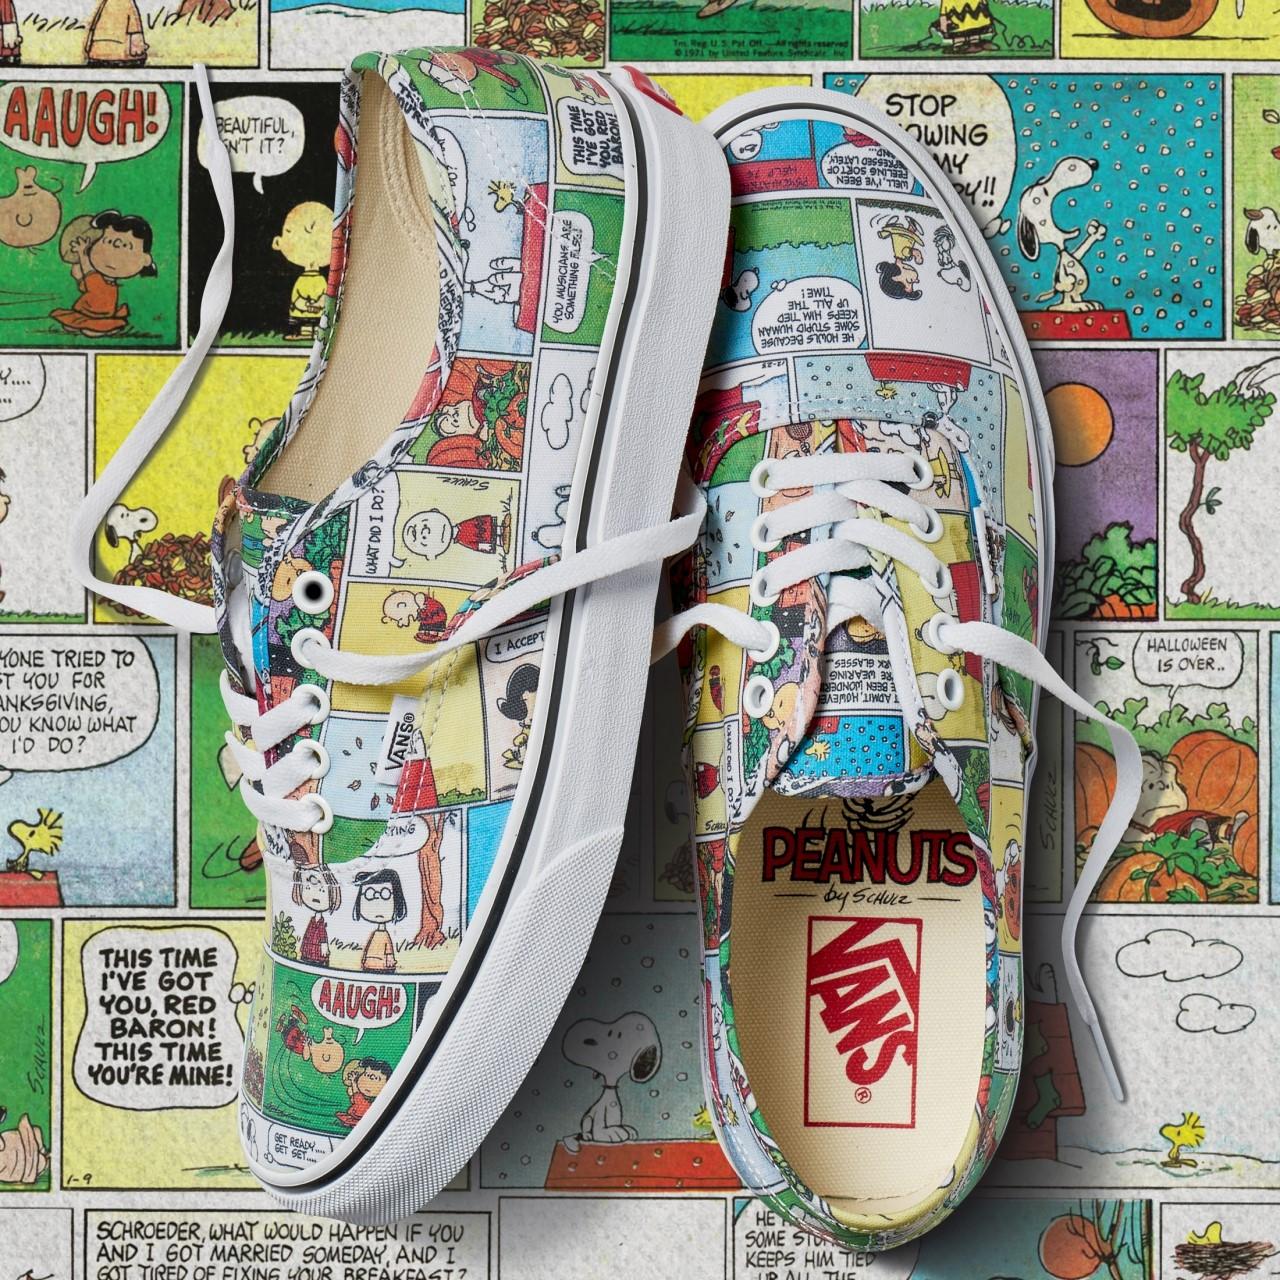 vans x peanuts comic